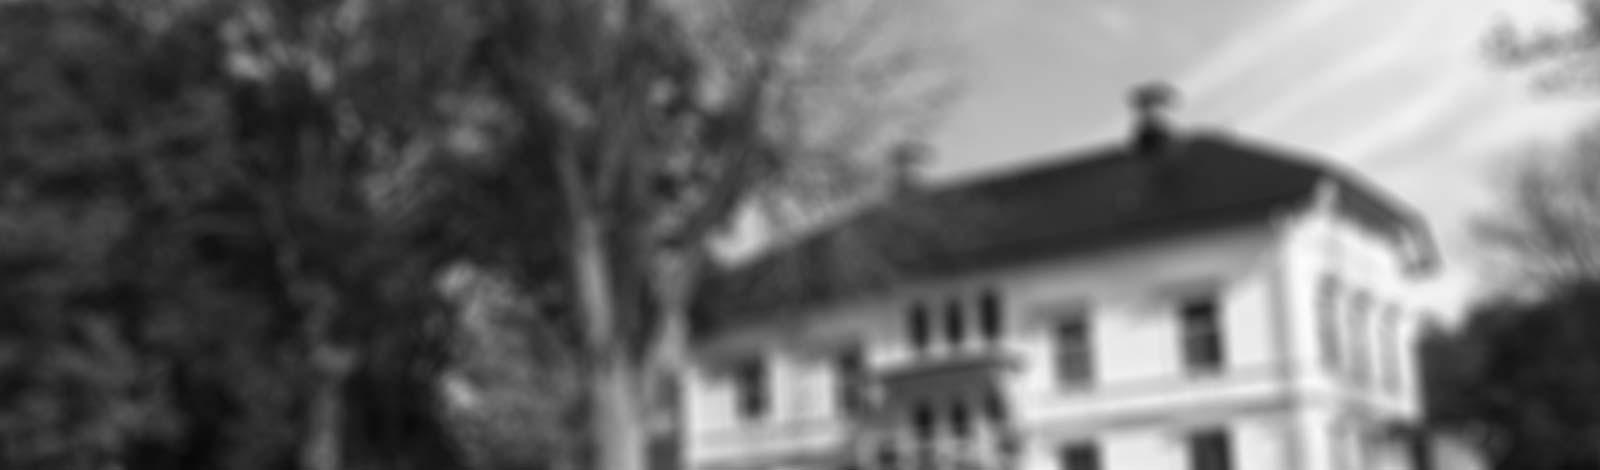 bakgrund_hus_sv